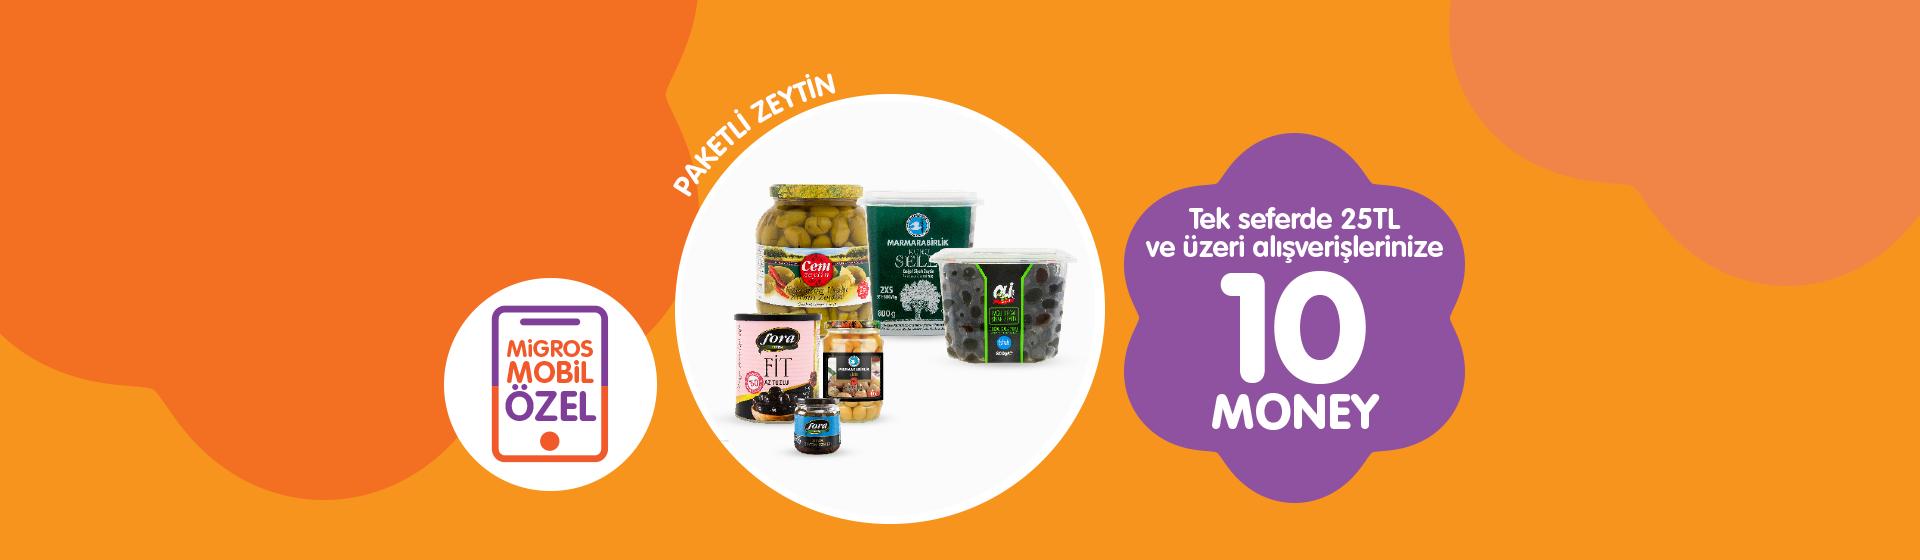 Paketli Zeytin Money Kampanyası